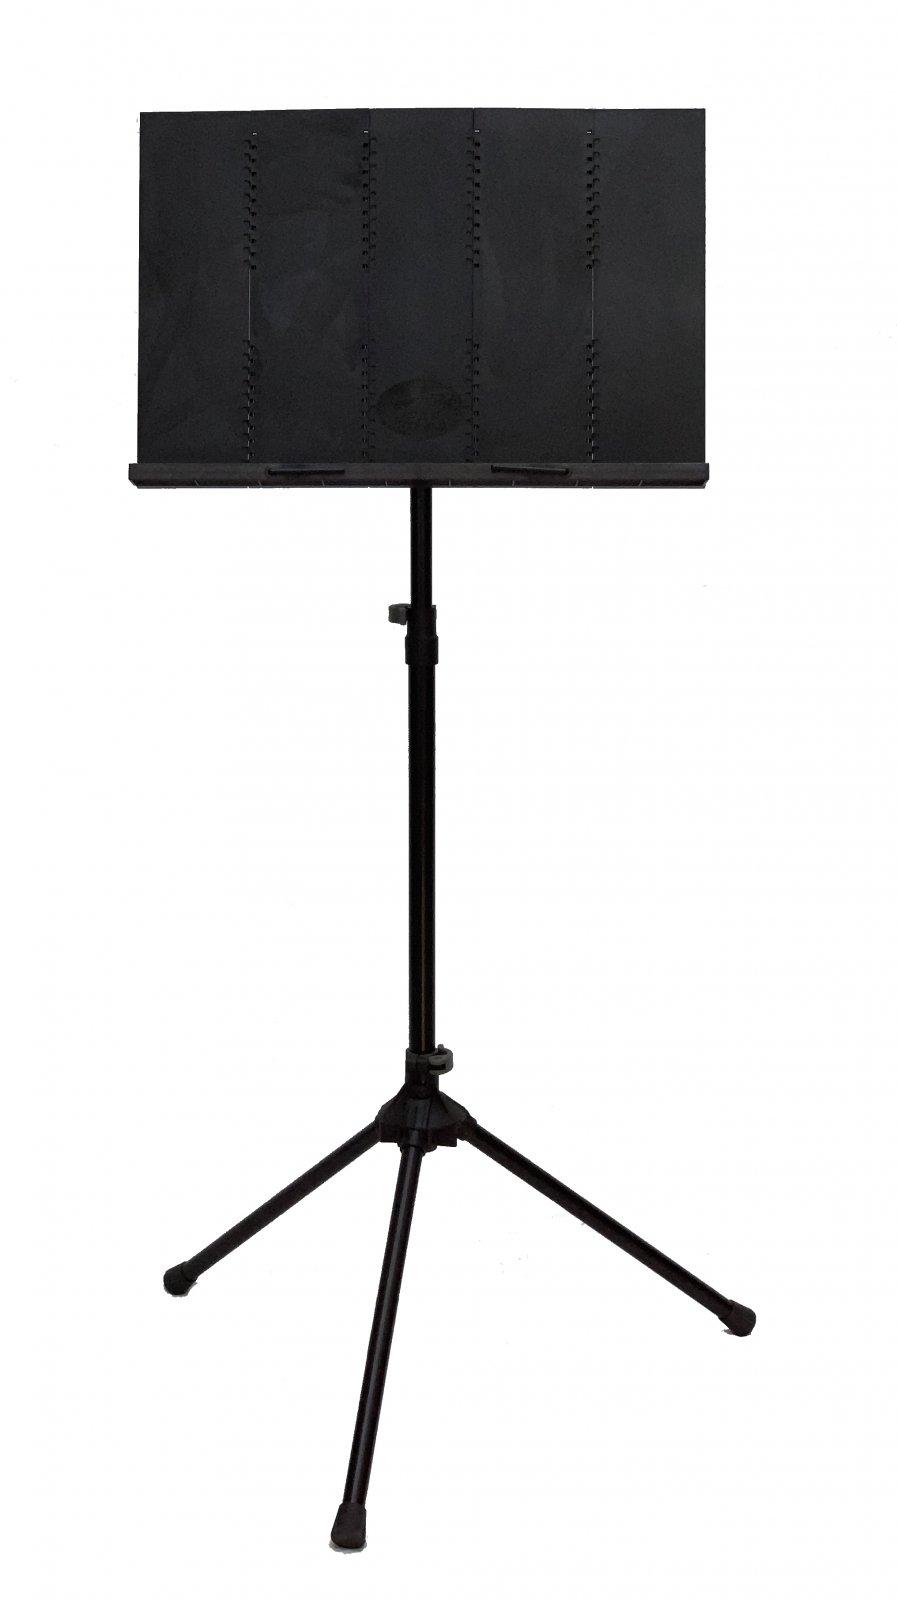 Peak - Music Stand